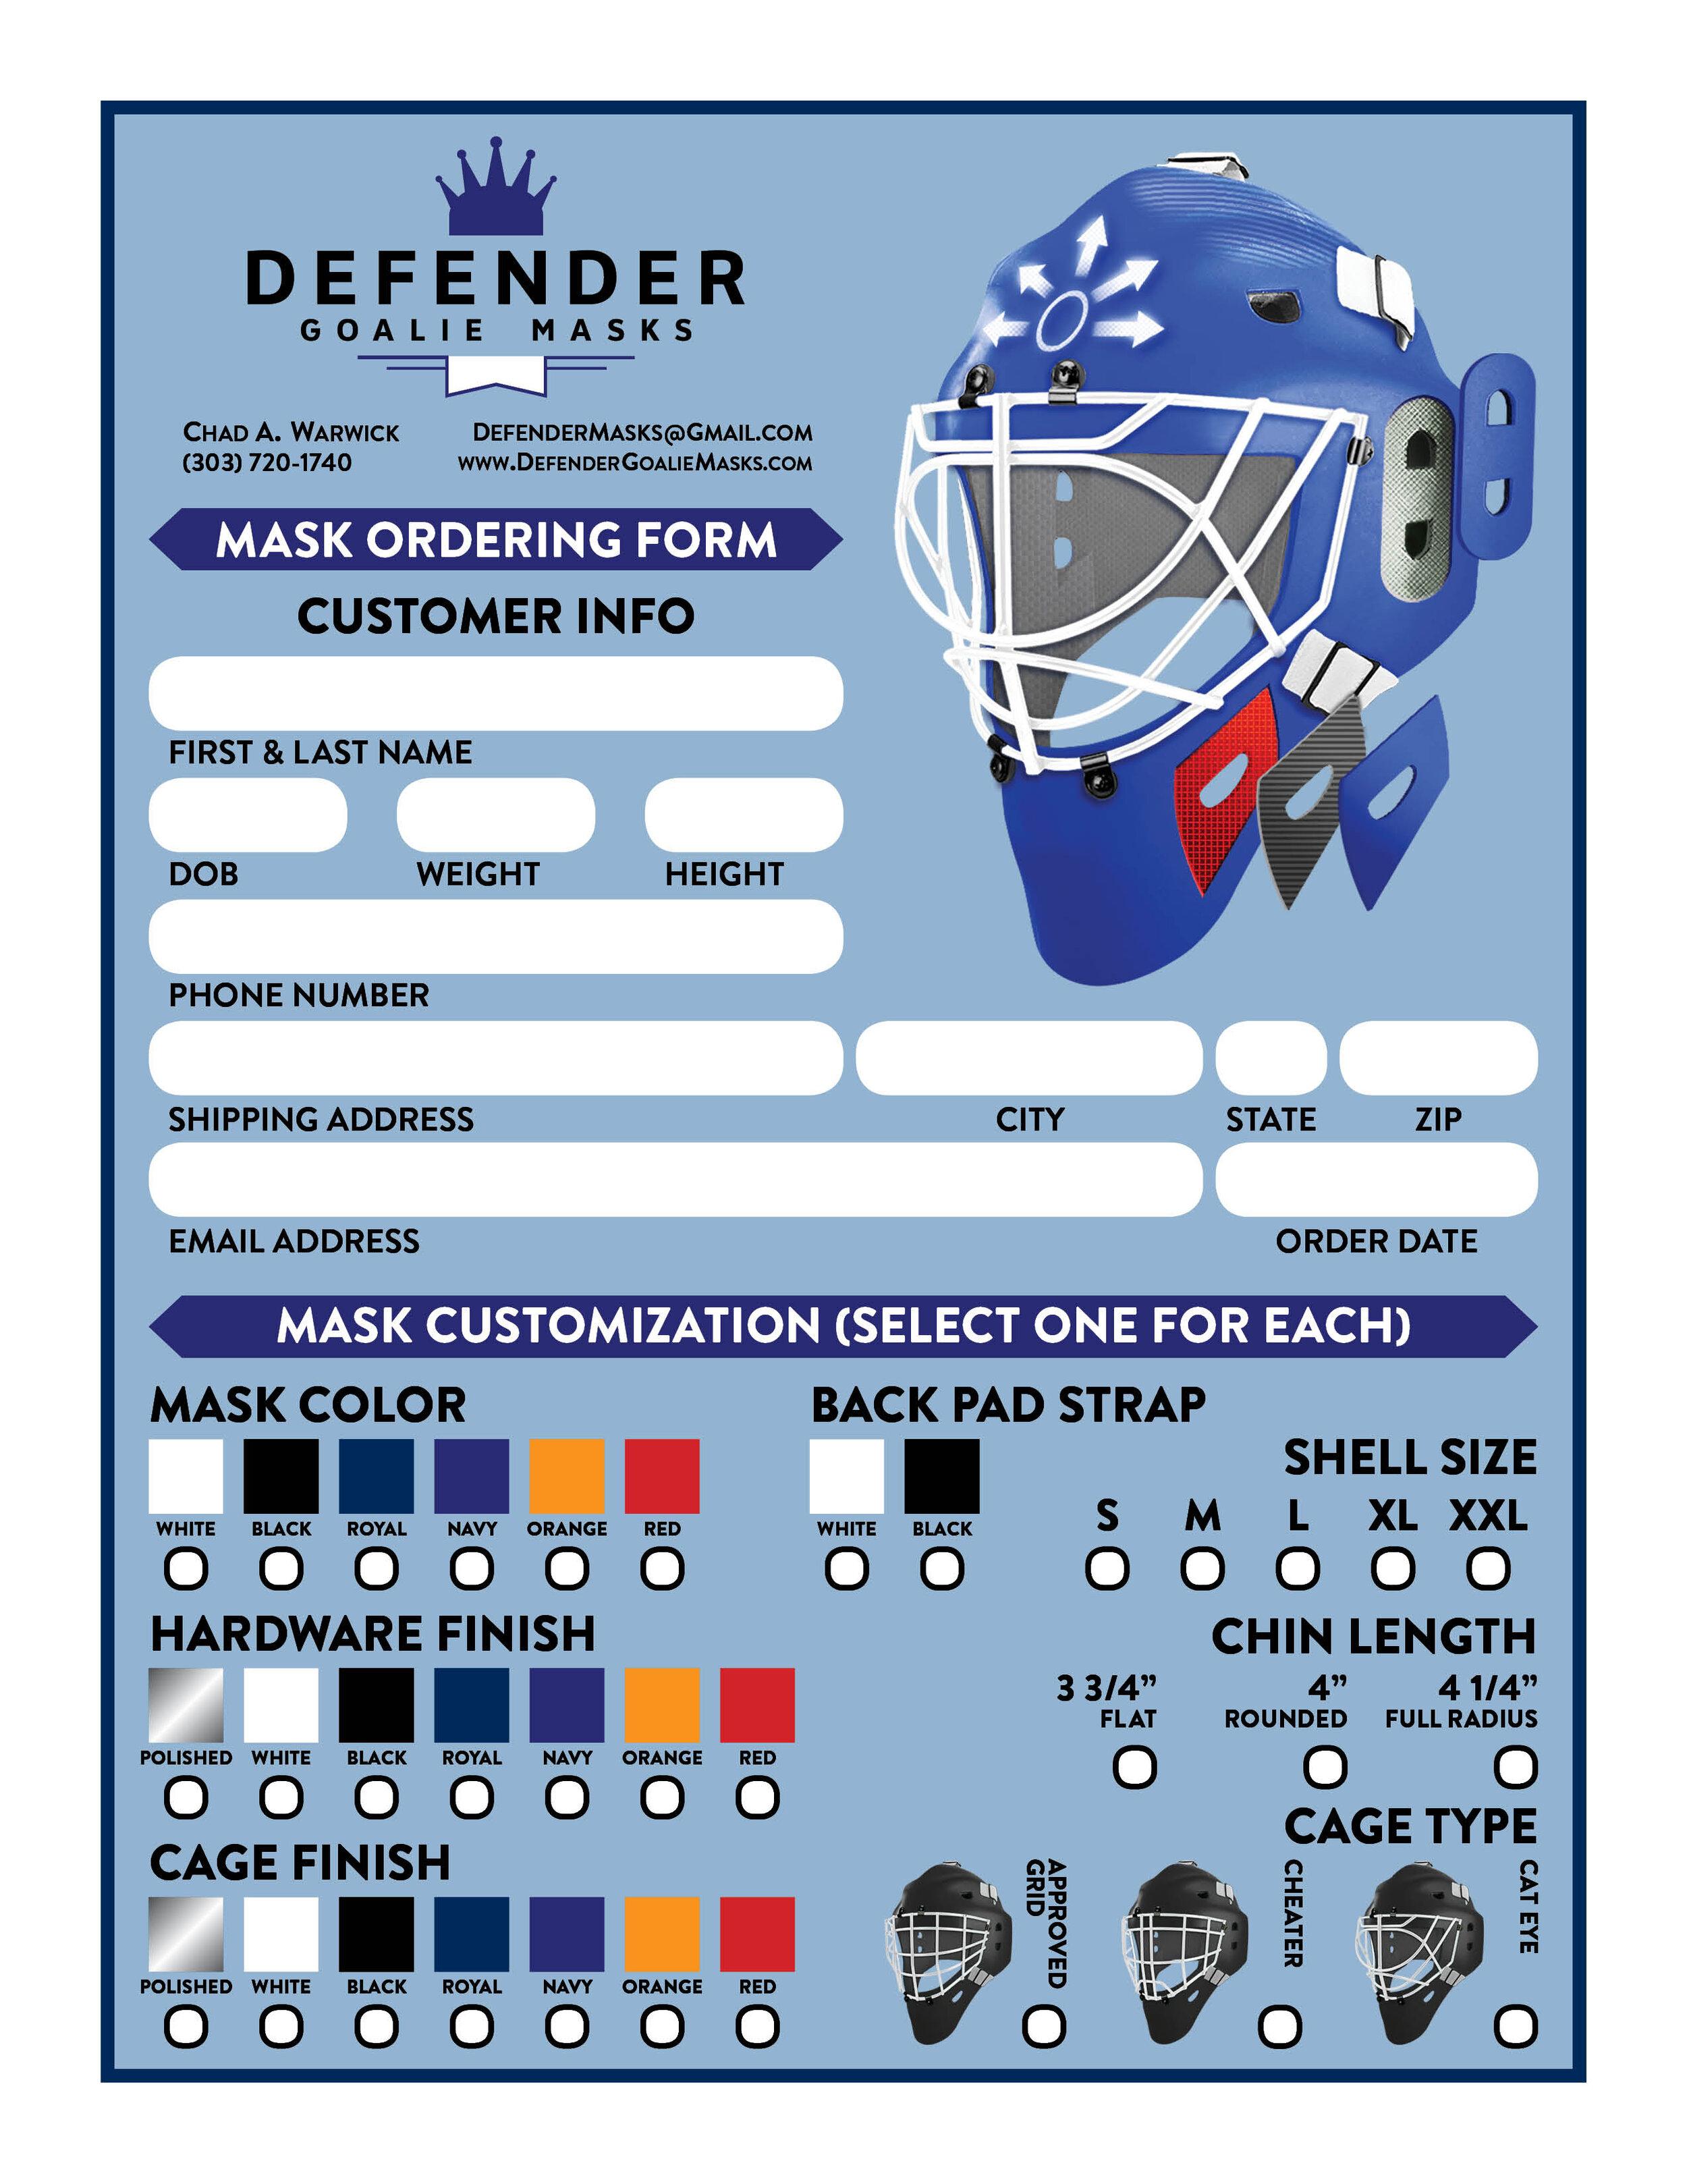 Defender Goalie Masks Order Form